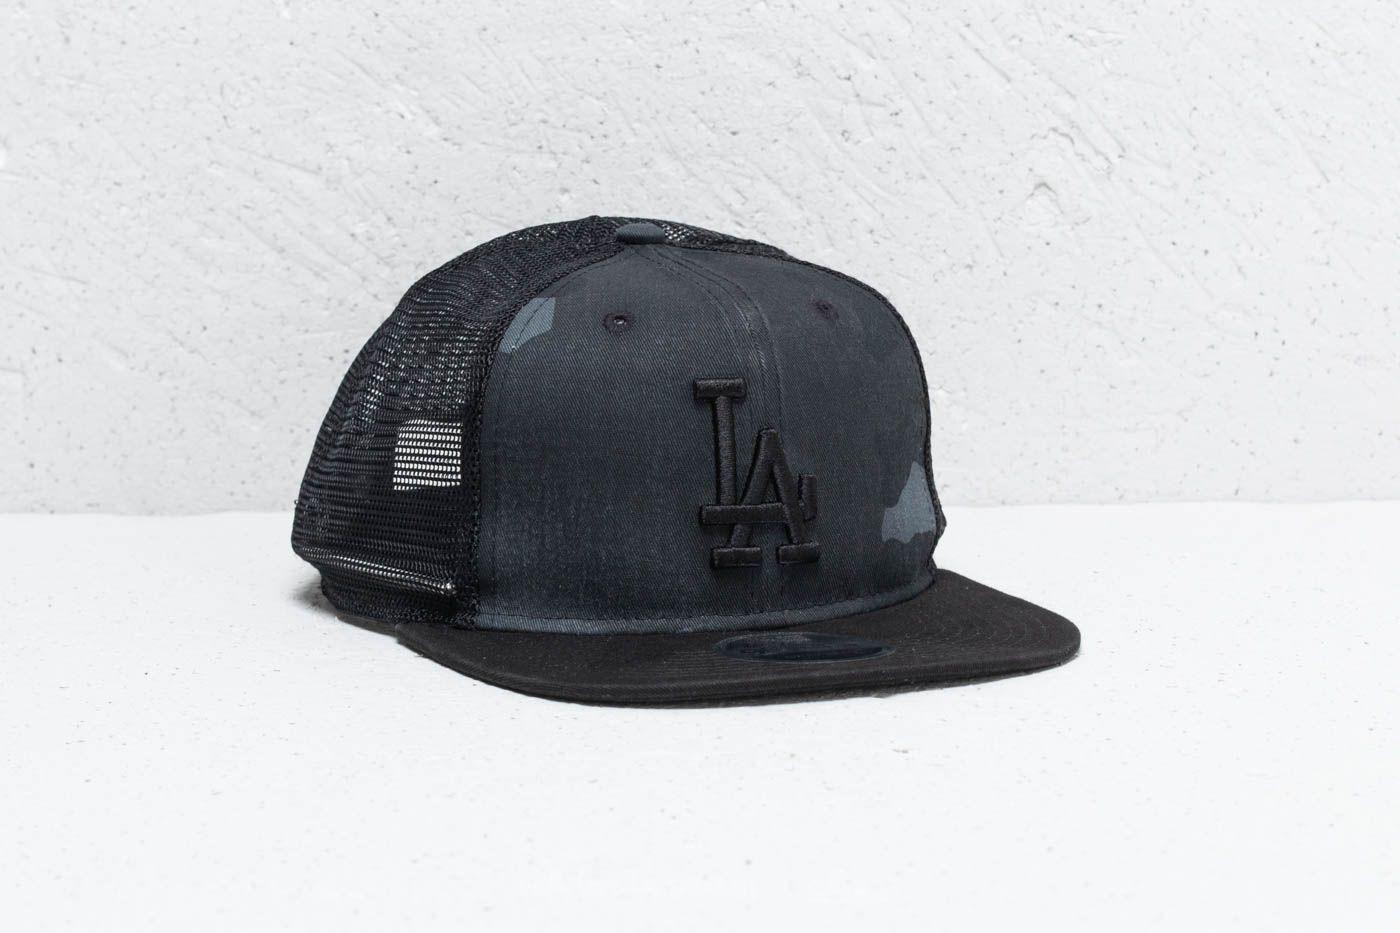 New Era 9Fifty MLB Los Angeles Dodgers Cap Black Camo